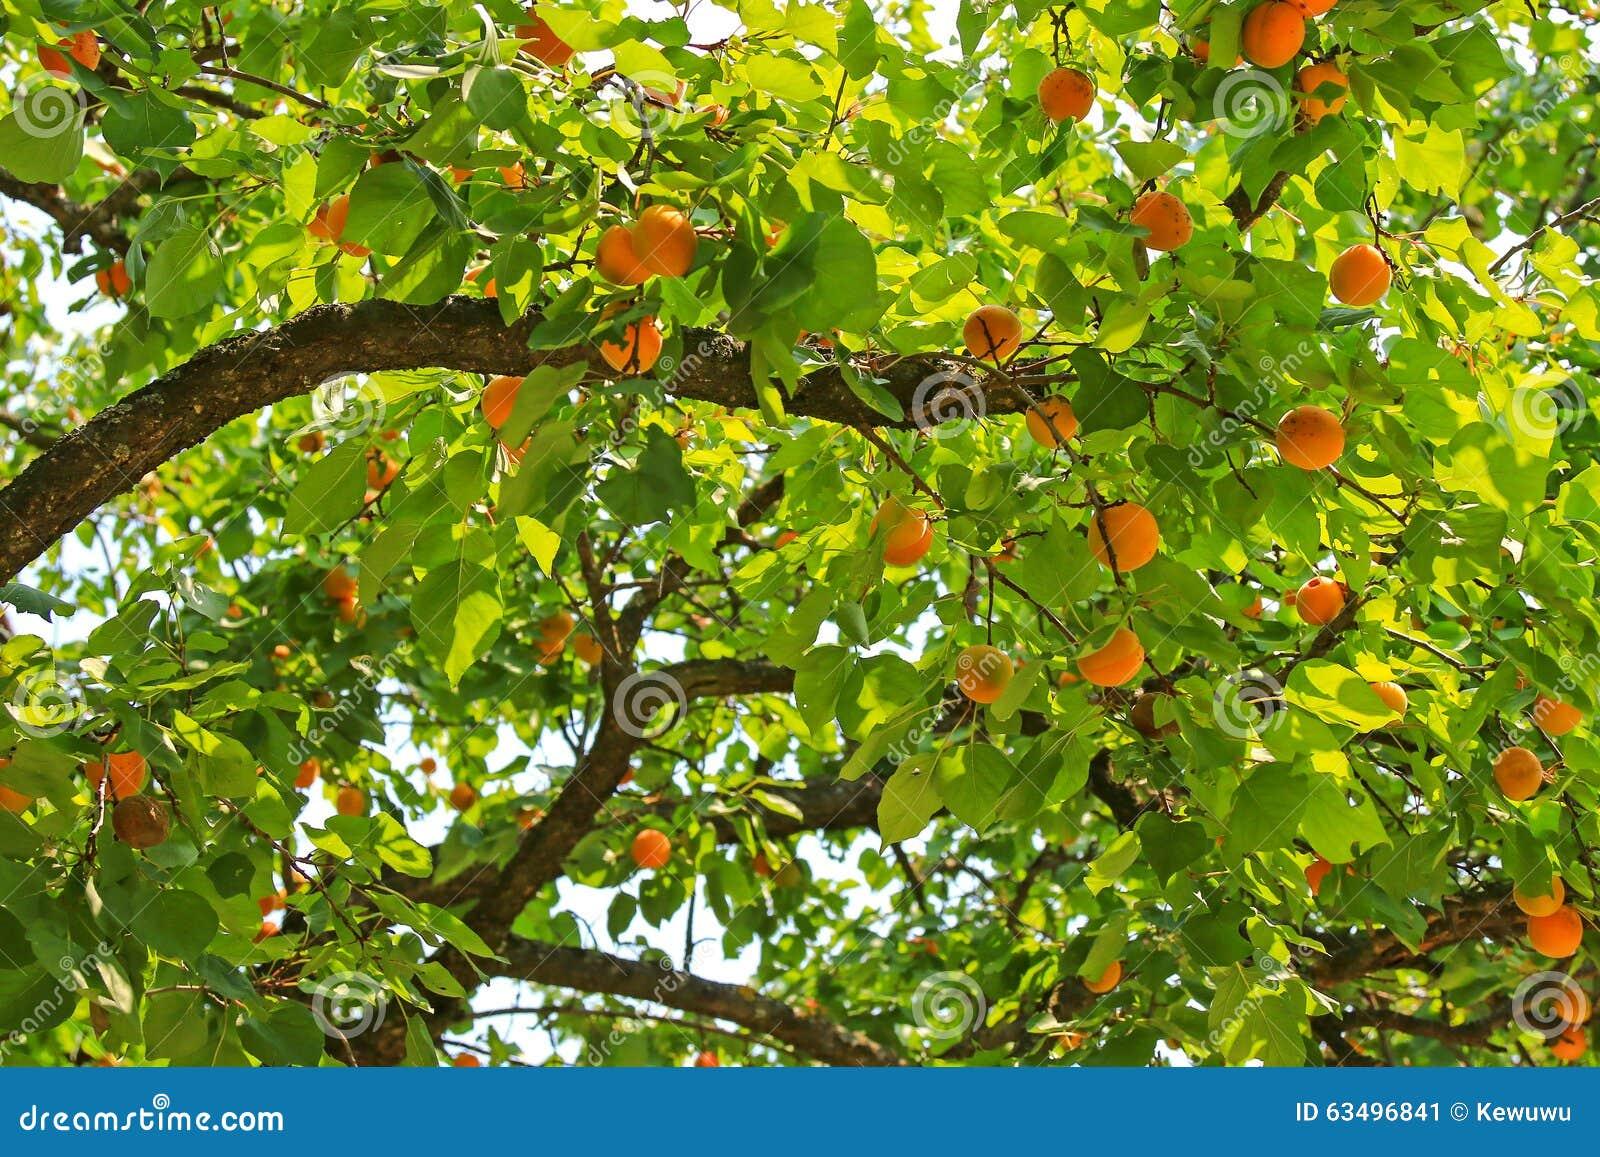 Les incidences d 39 un abricotier beaucoup portent des fruits for Taille de l abricotier